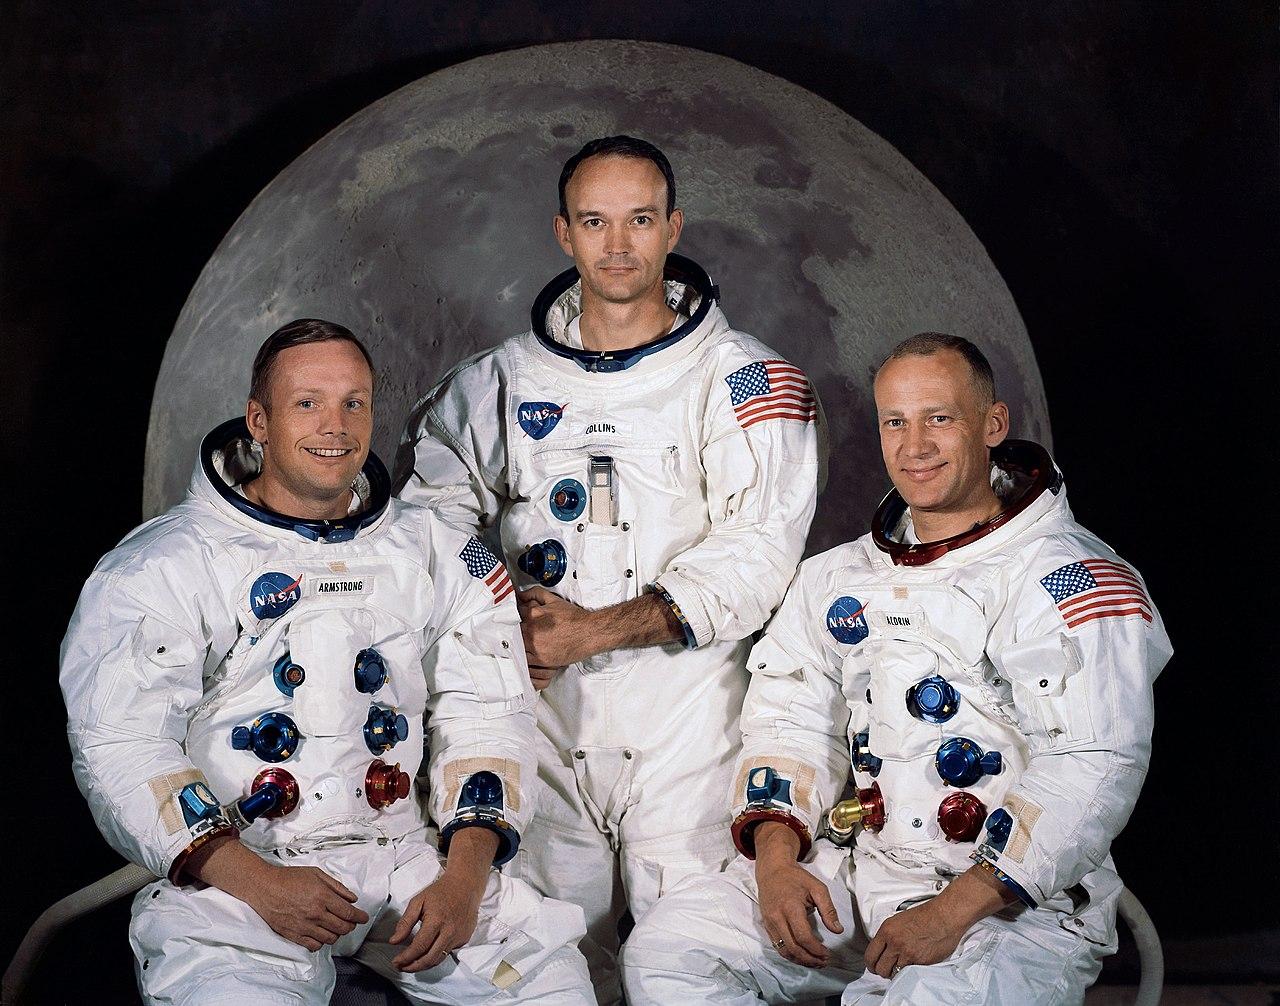 宇宙服を着用したままヘルメットを脱いで、大きな月の写真の前に座る3名の宇宙飛行士。